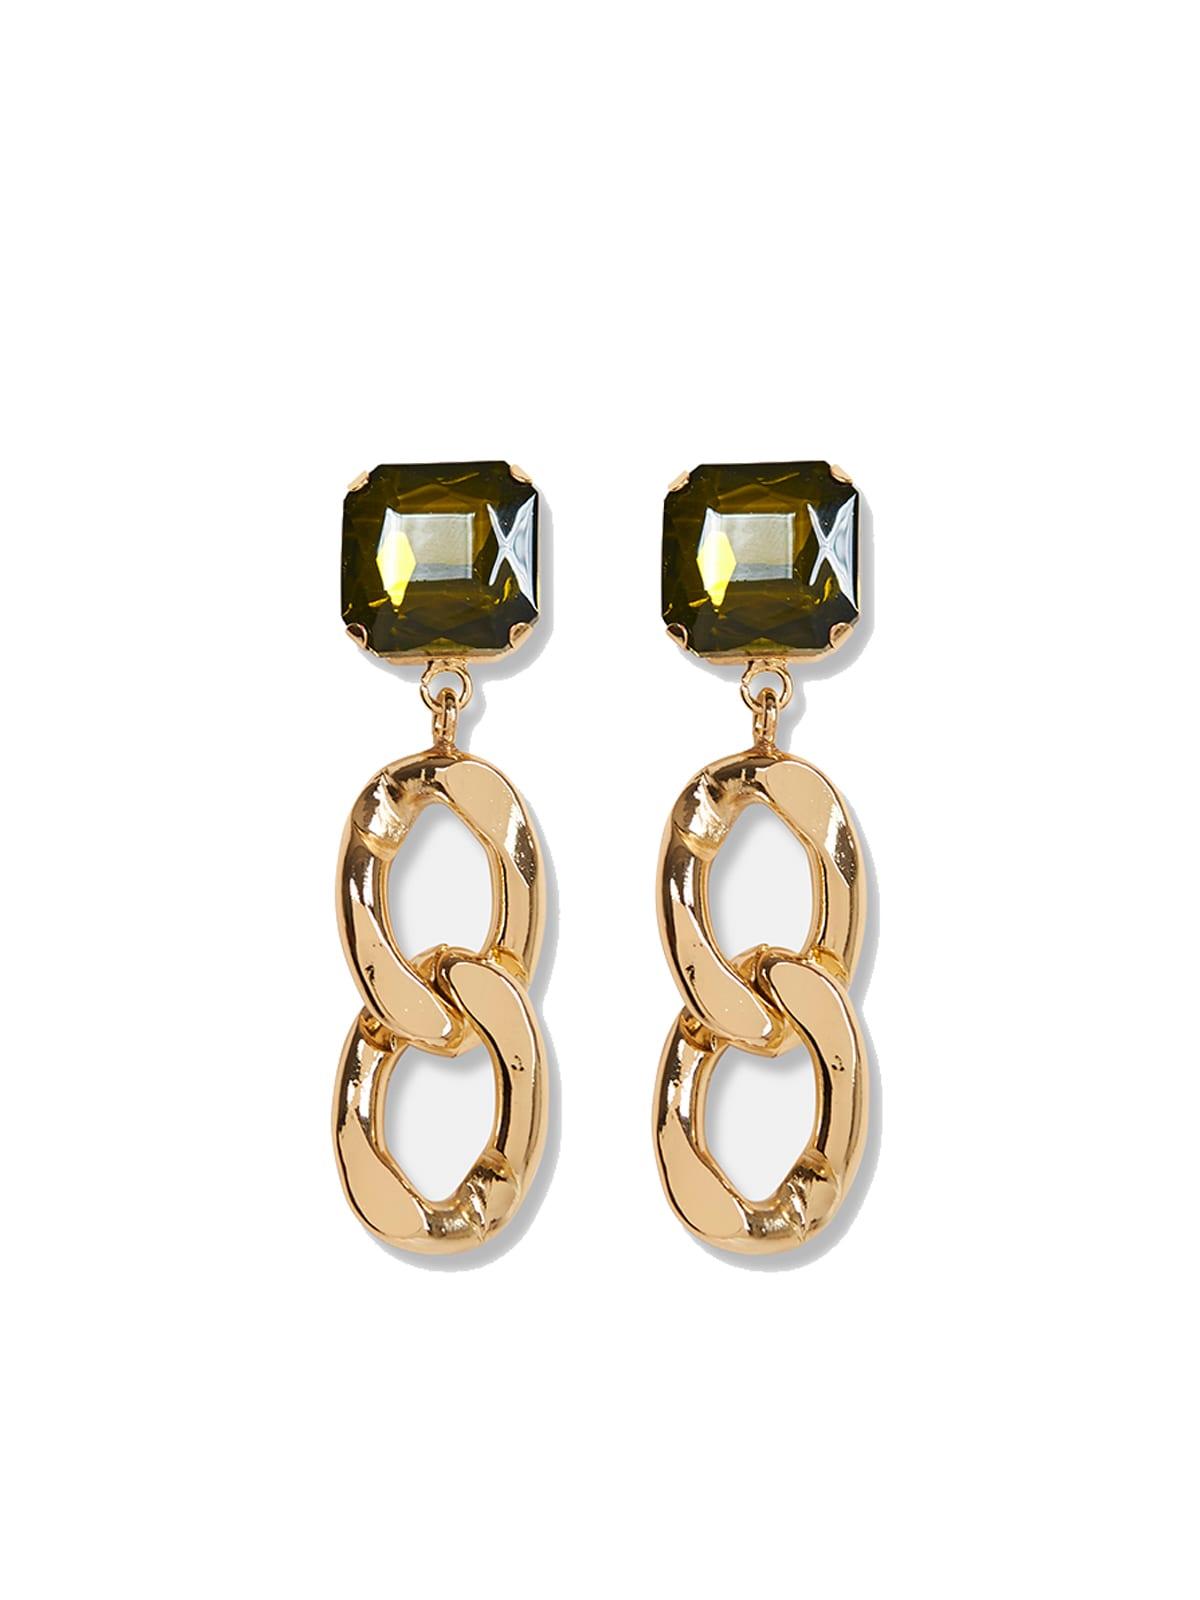 Zrudy Earrings